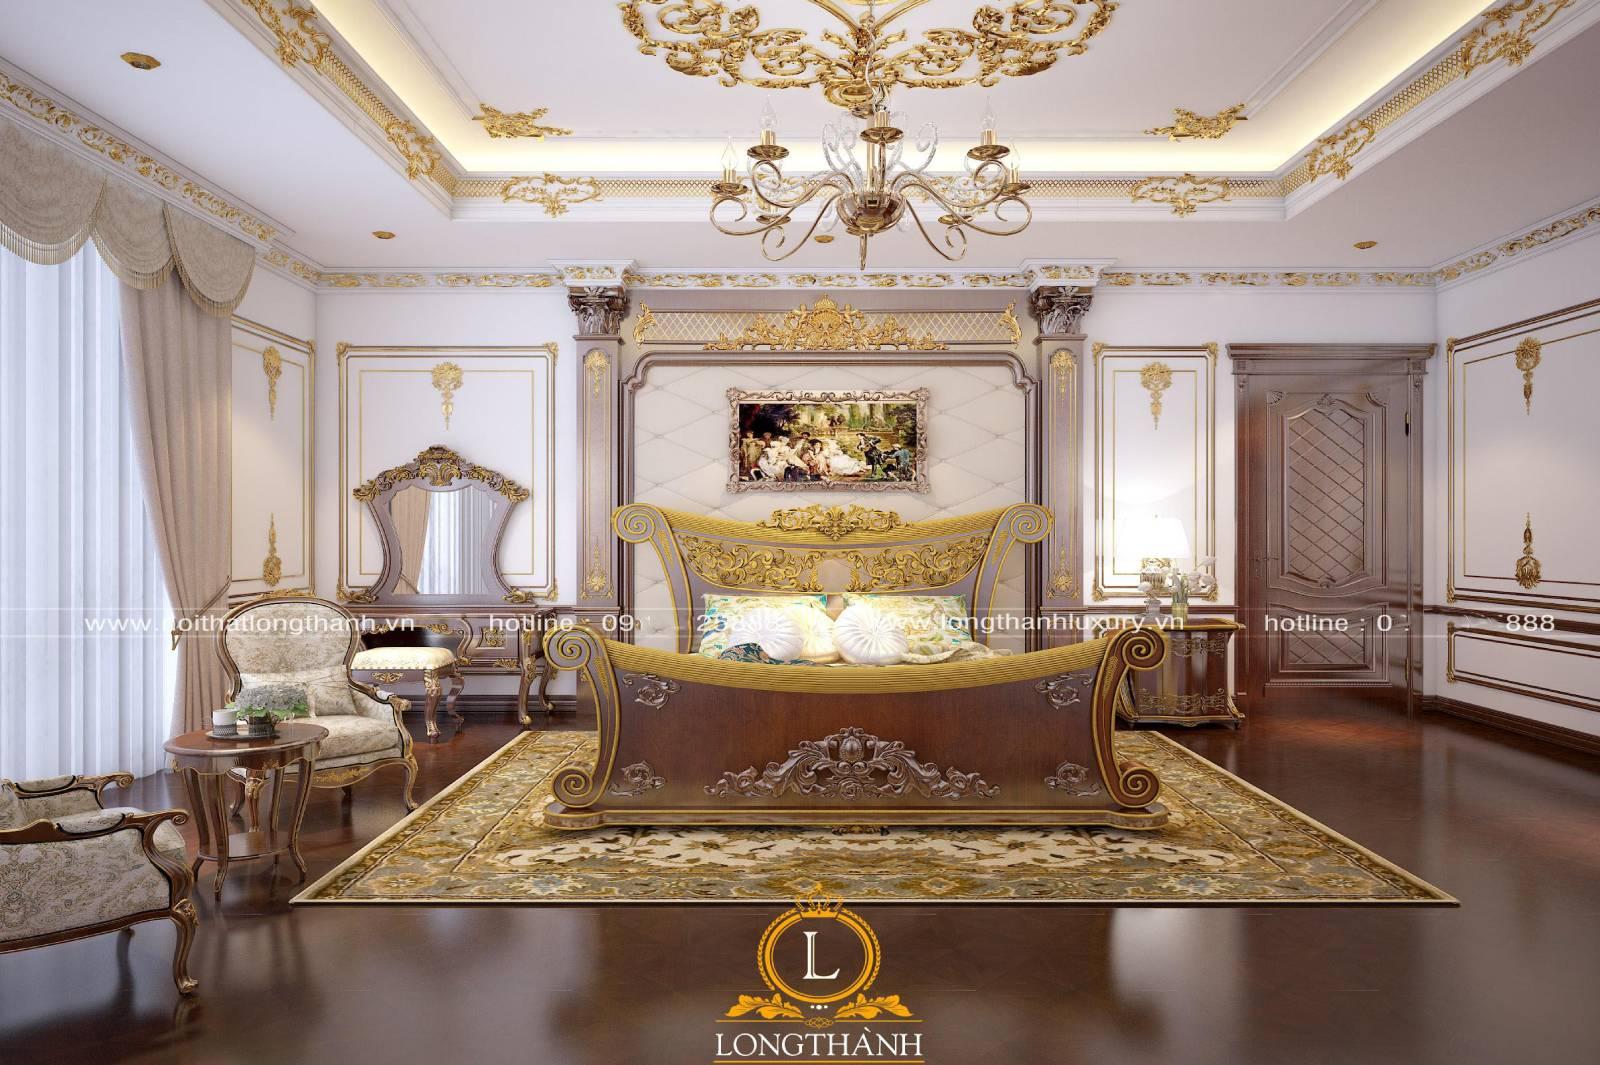 Mẫu giường ngủ tân cổ điển vương giả quý tộc cho nhà biệt thự